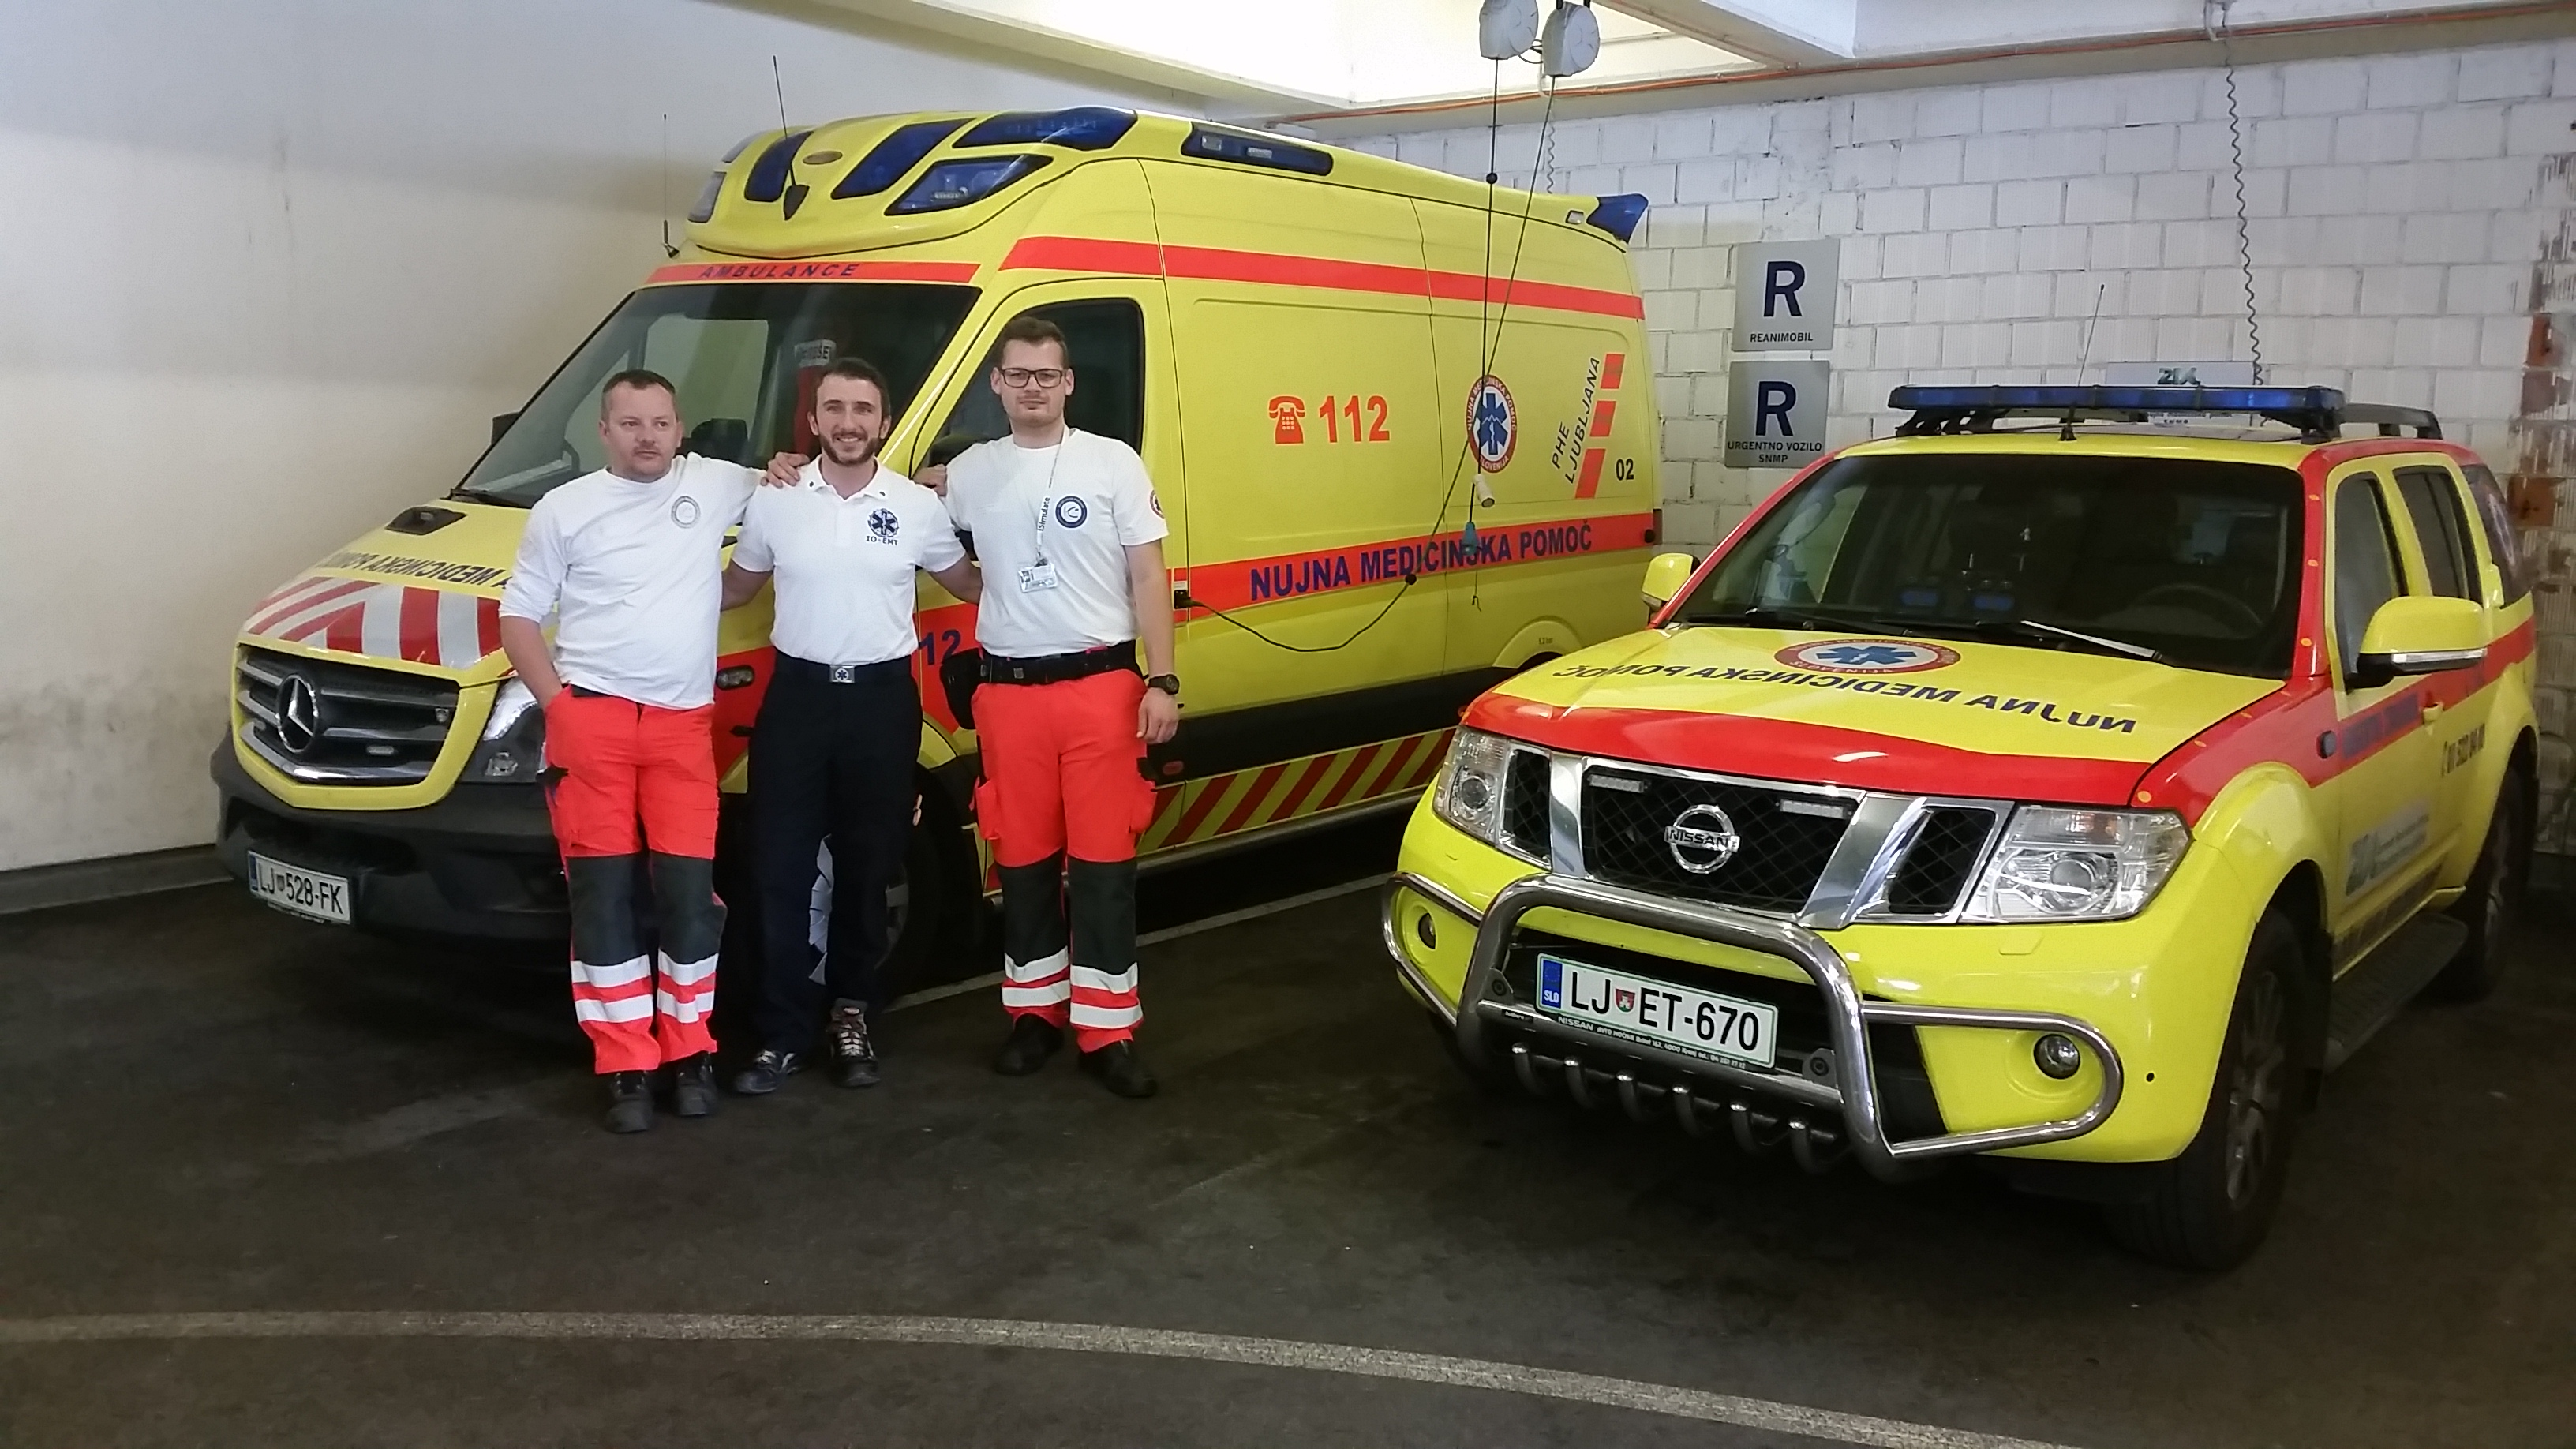 KCL EMS - Ljublijana (Slovenia)